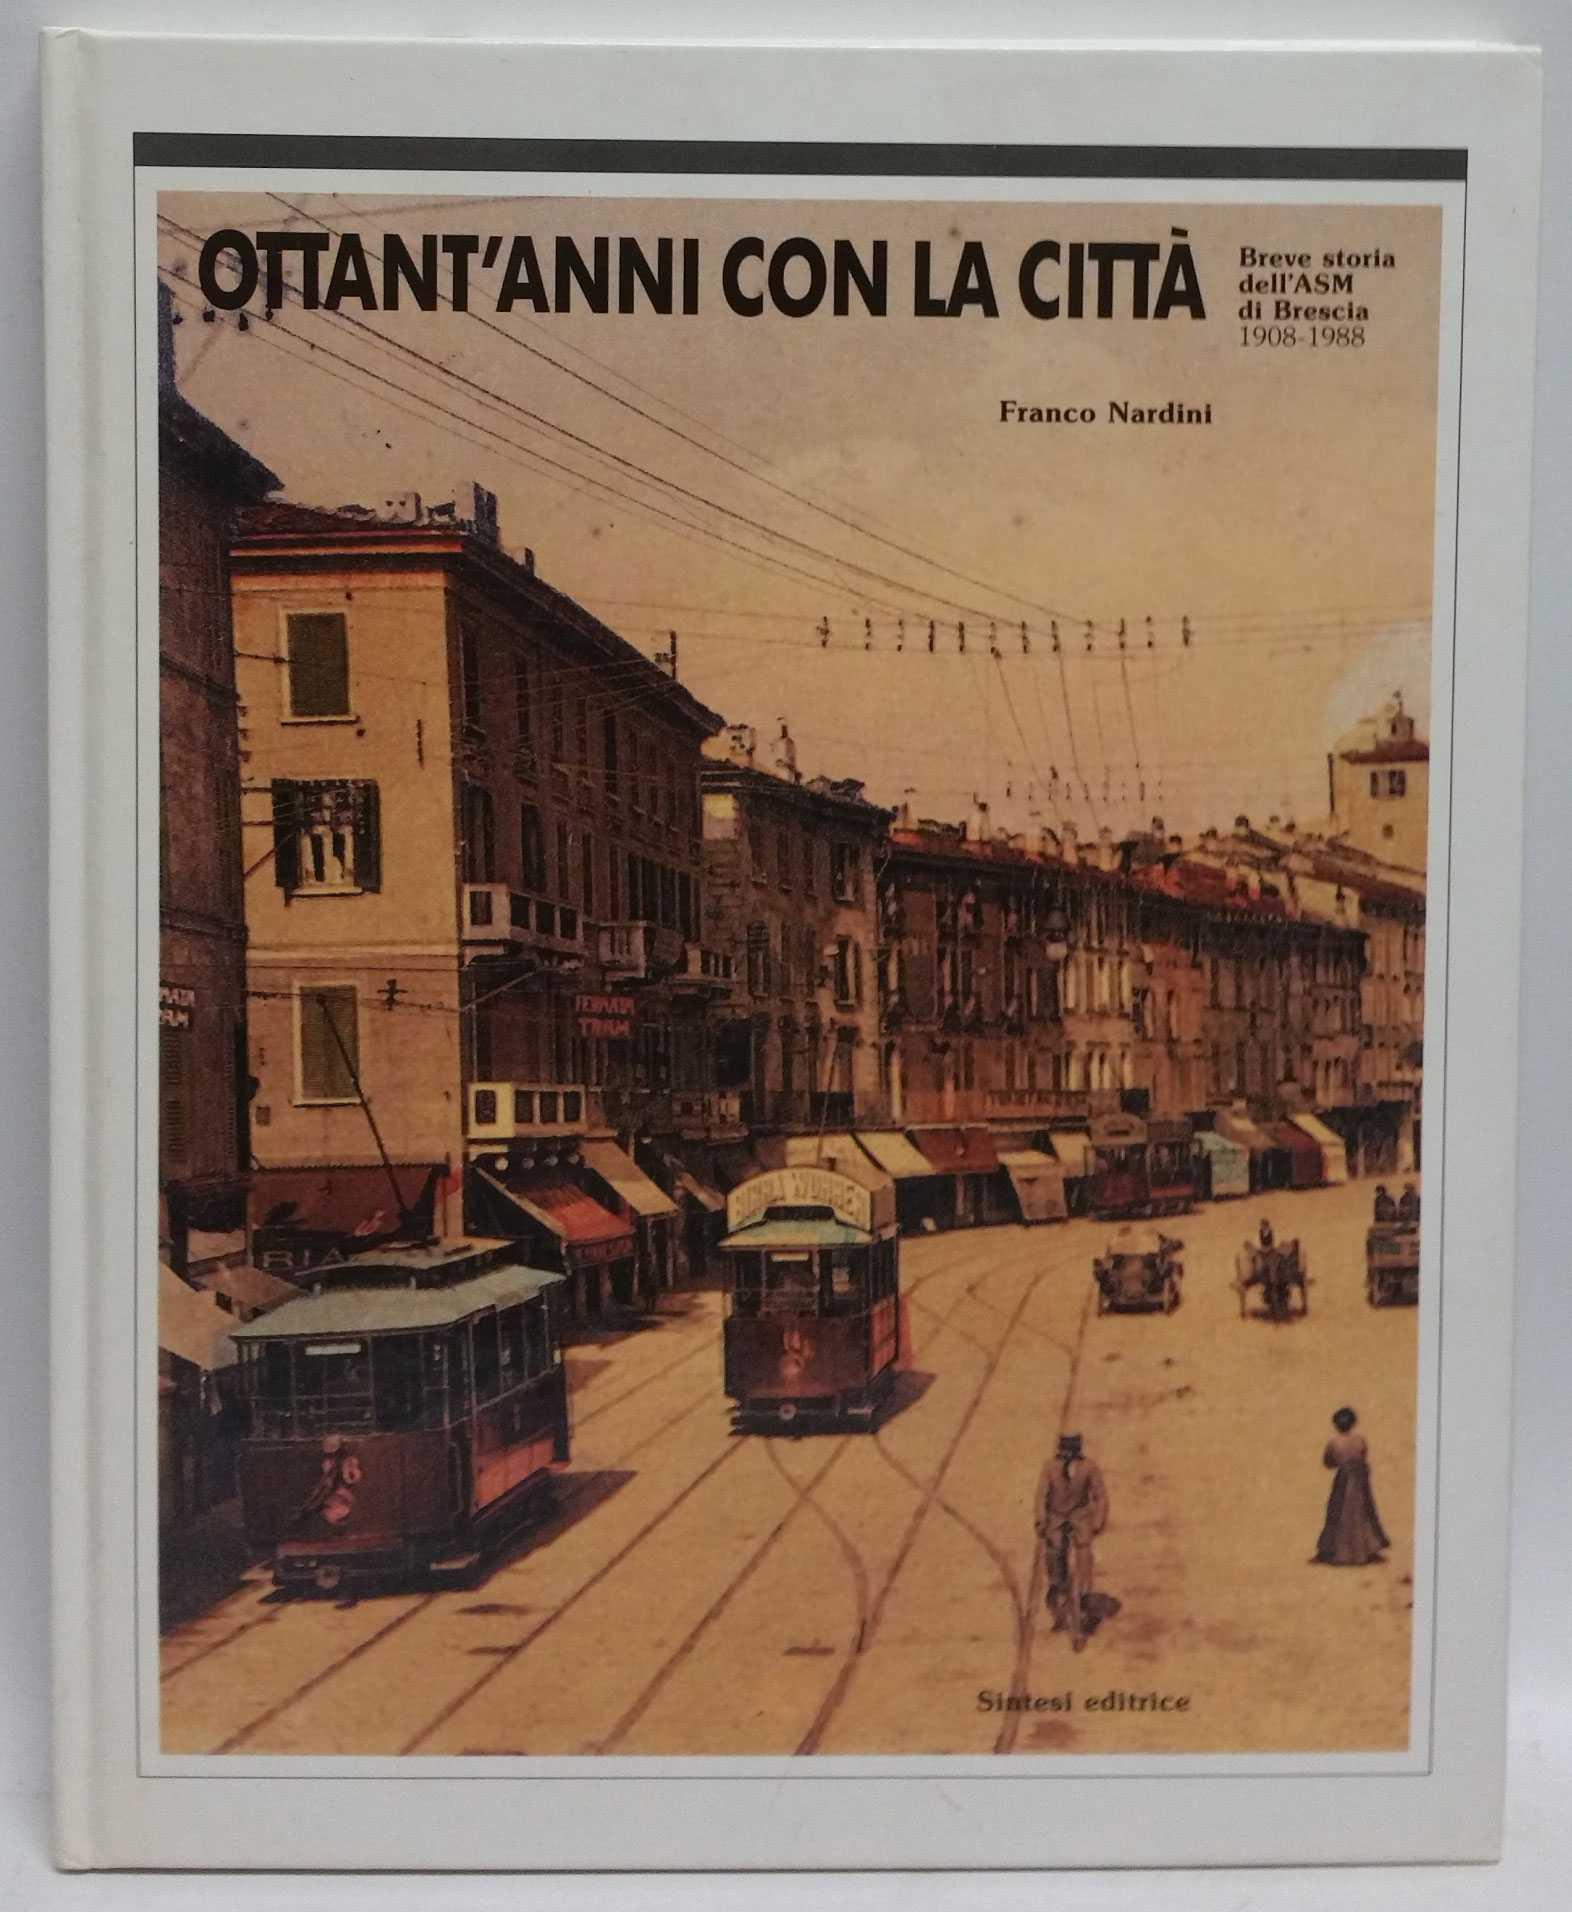 Ottant'anni con la citta: Breve storia dell'ASM di Brescia, 1908-1988, Franco Nardini